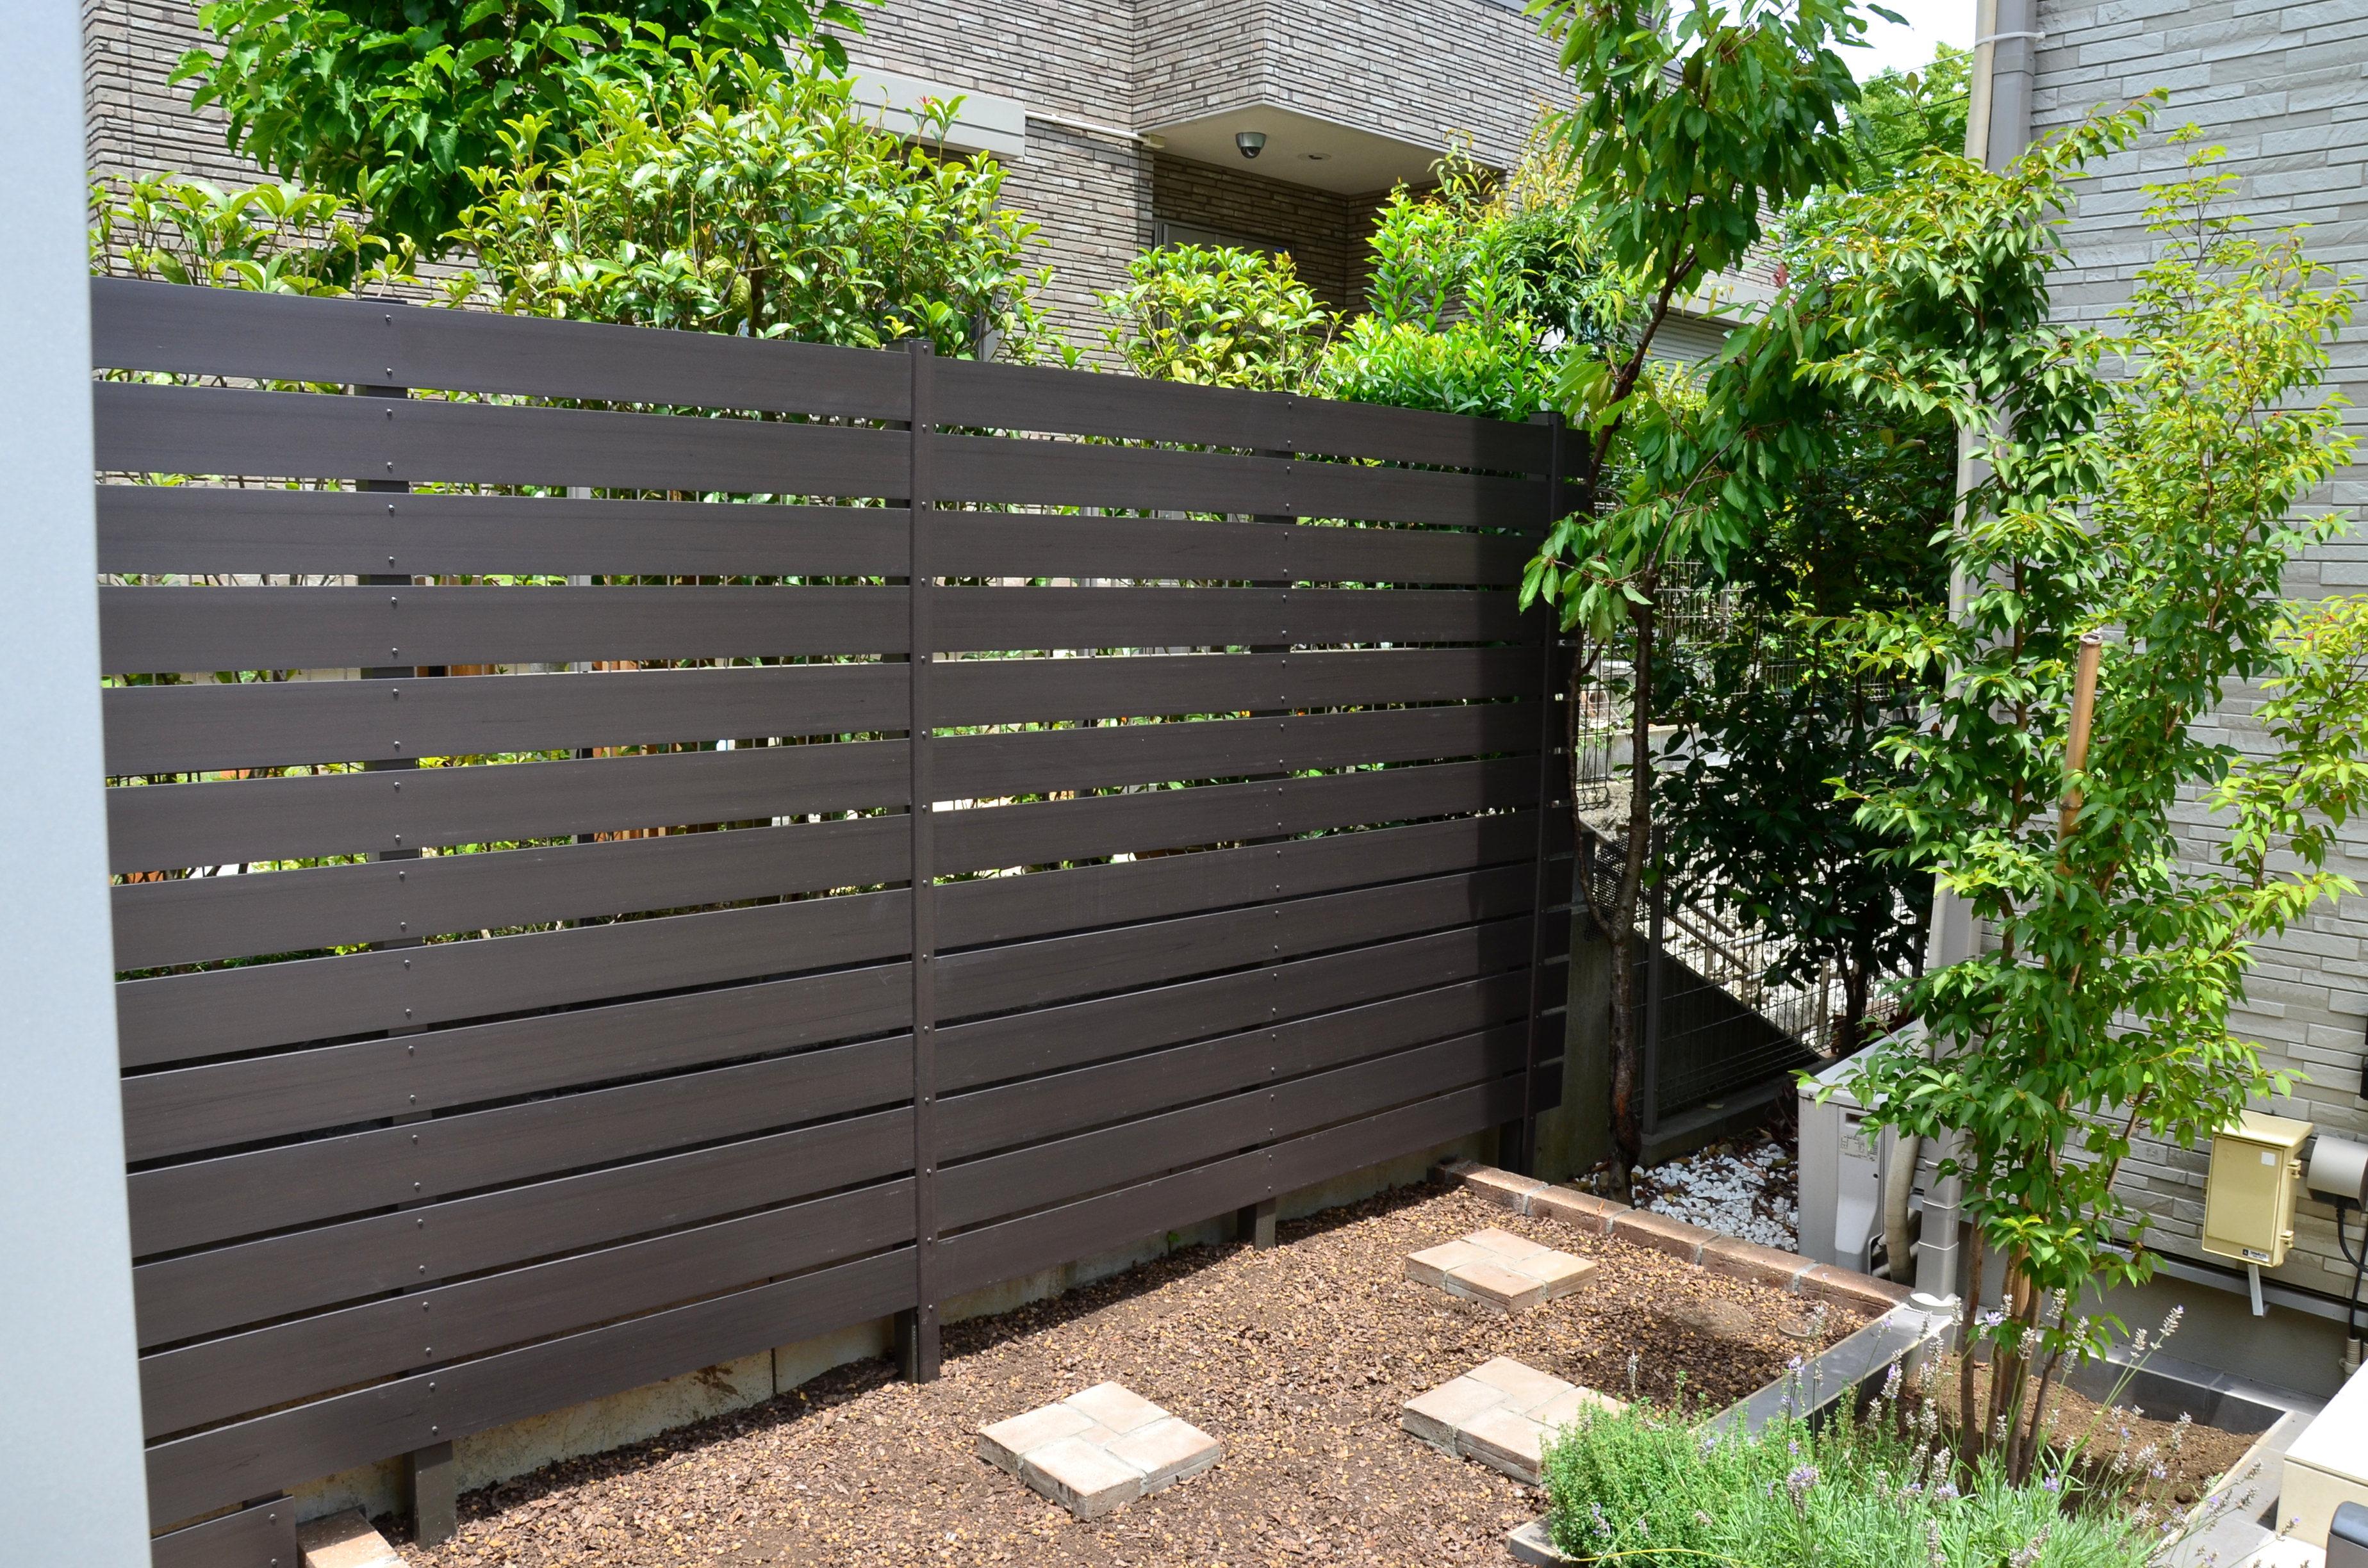 レンガ作りの菜園を中心に、使いやすいお庭へと変身